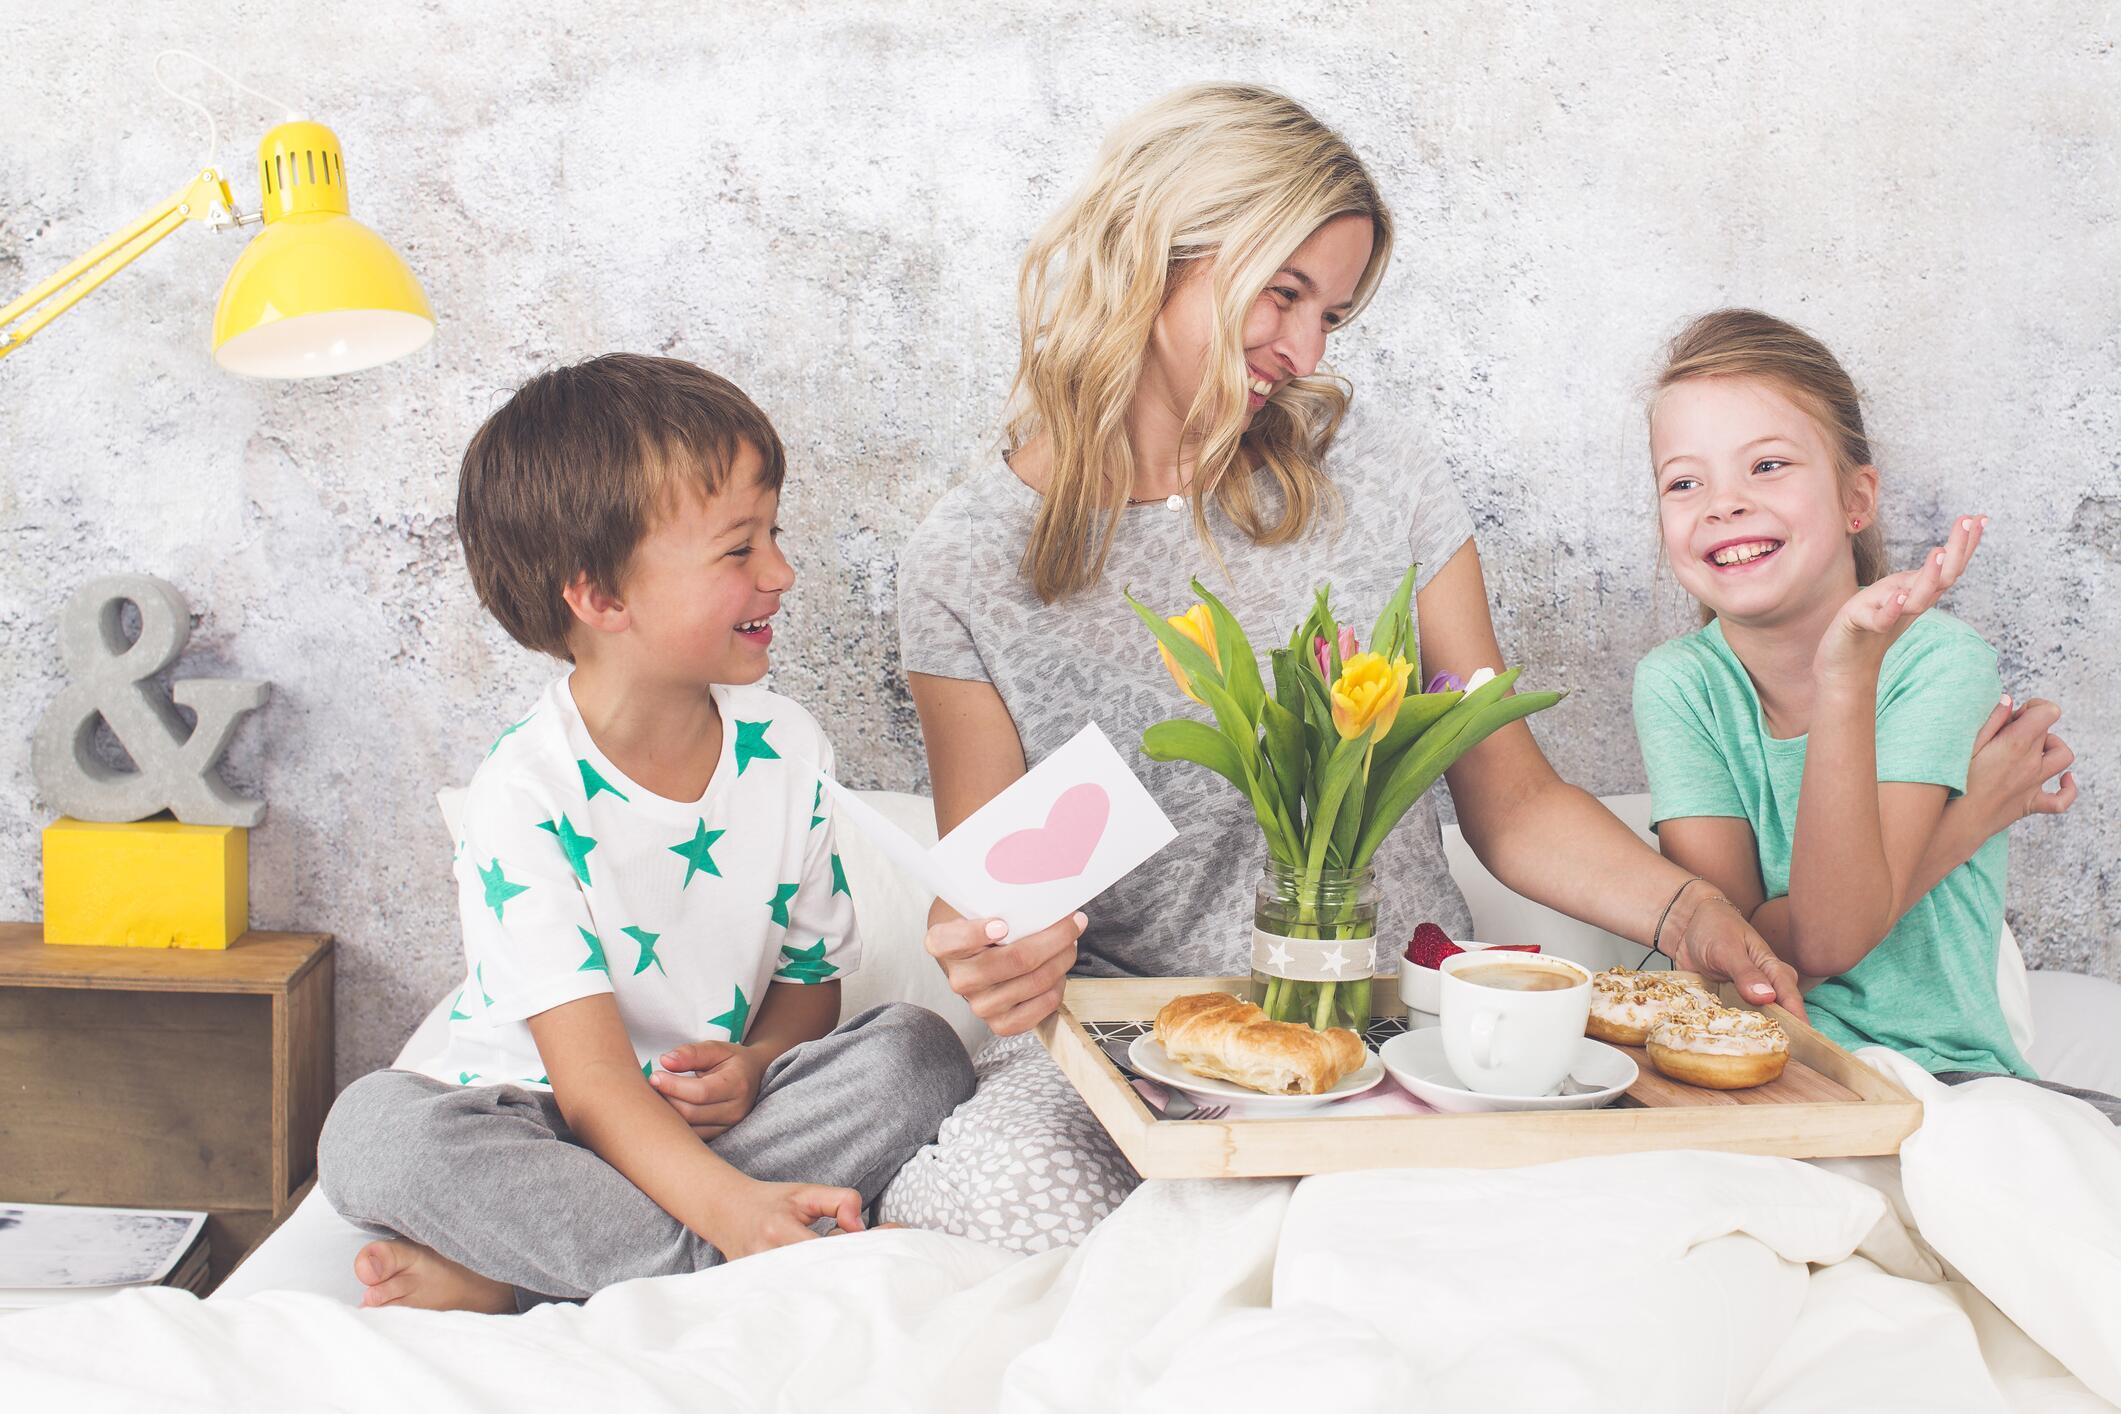 Bild zu Geschenkidee, Muttertag, Muttertagsgeschenk, Geschenke, diy, mutter, mama, oma, ehefrau